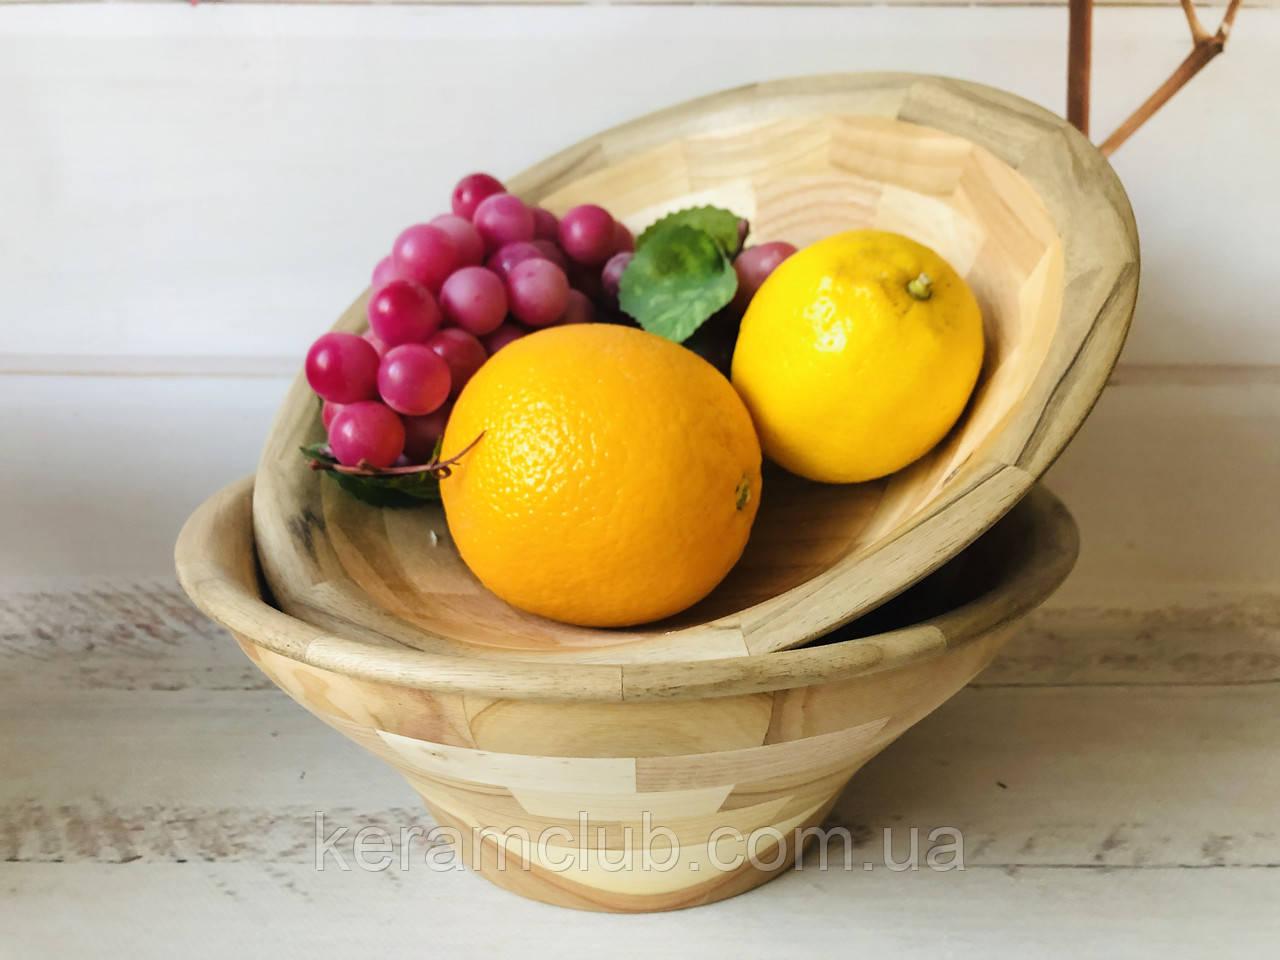 Деревянная фруктовница из красного дуба, ореха, берёзы h 10 см d 28 см